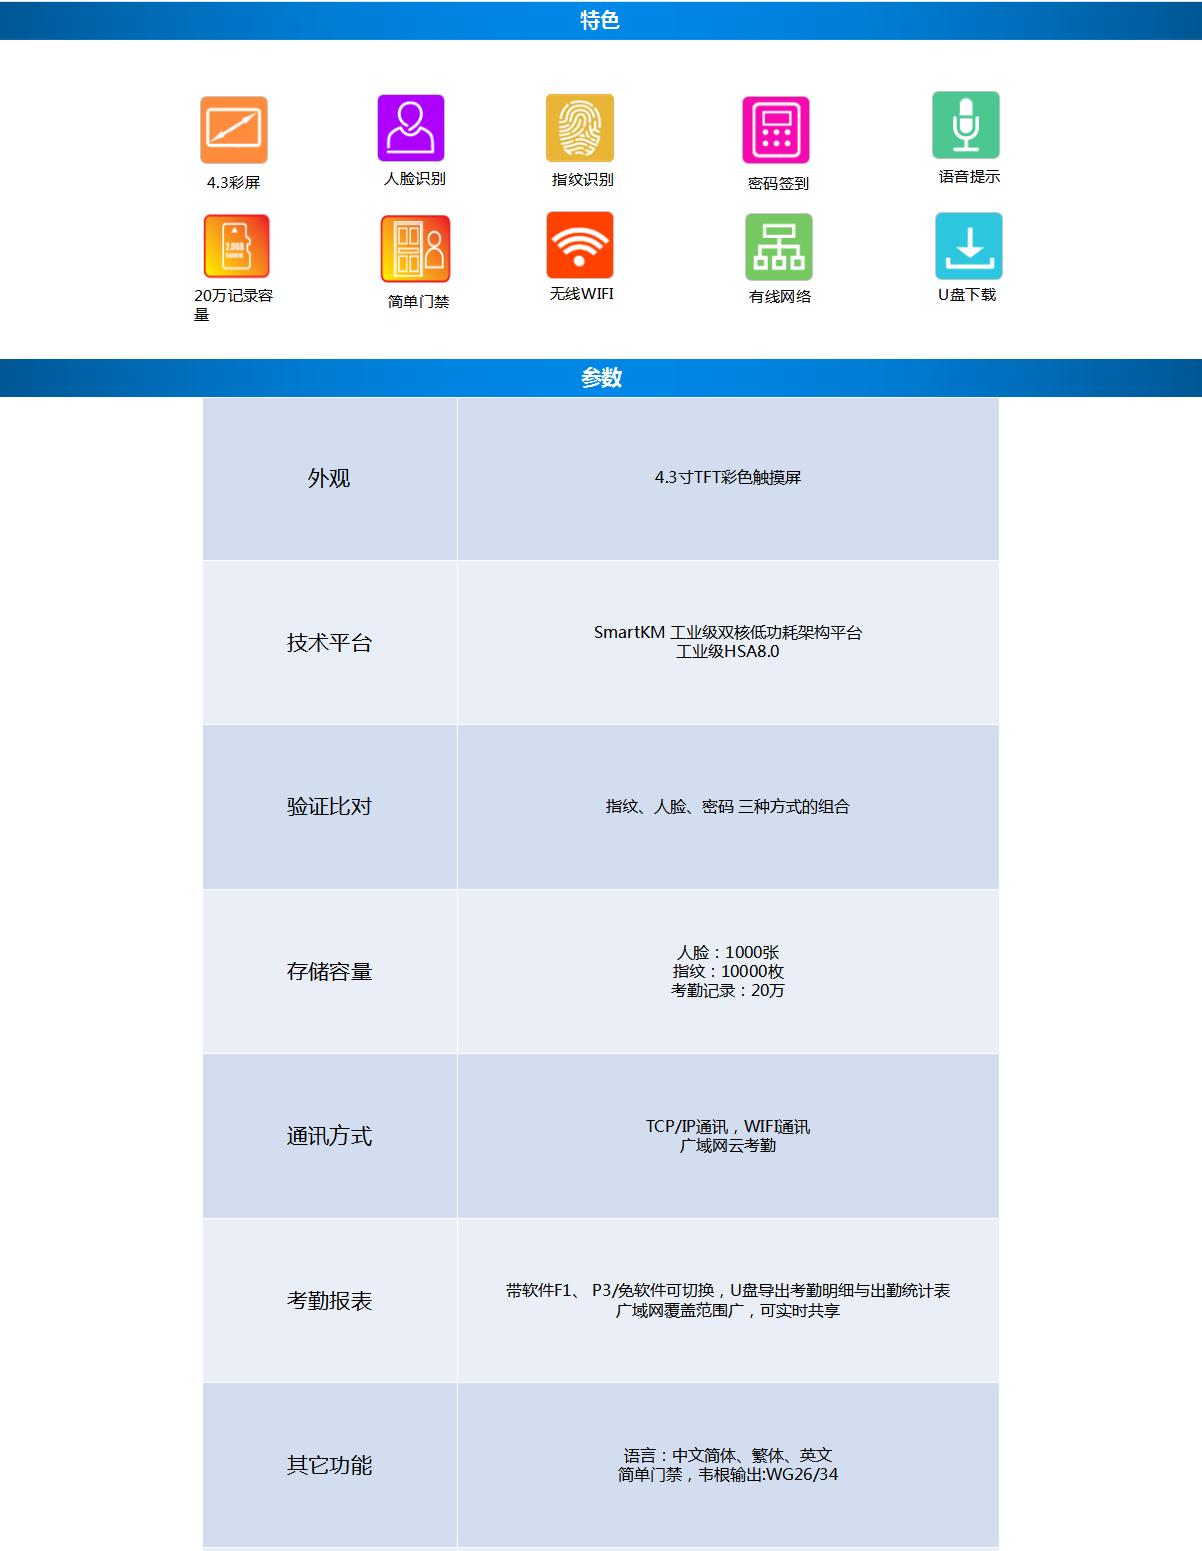 A6官网产品介绍-模板1202-普通品质输出_01.png